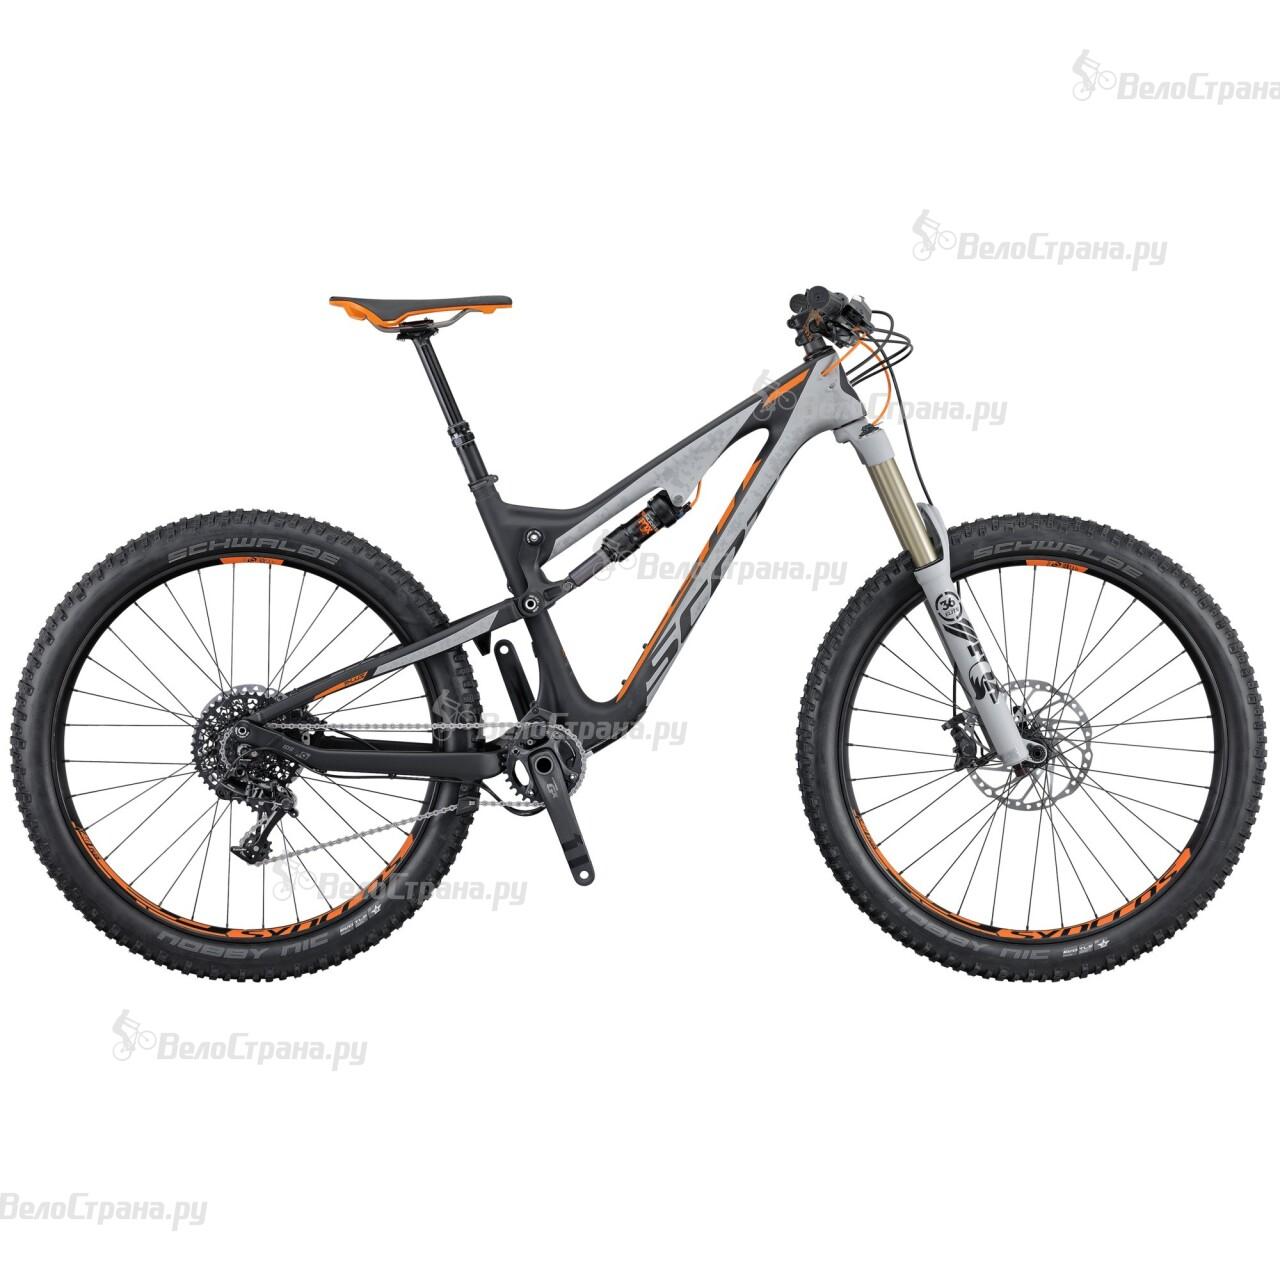 Велосипед Scott Genius LT 710 Plus (2016) велосипед scott genius lt 720 2015